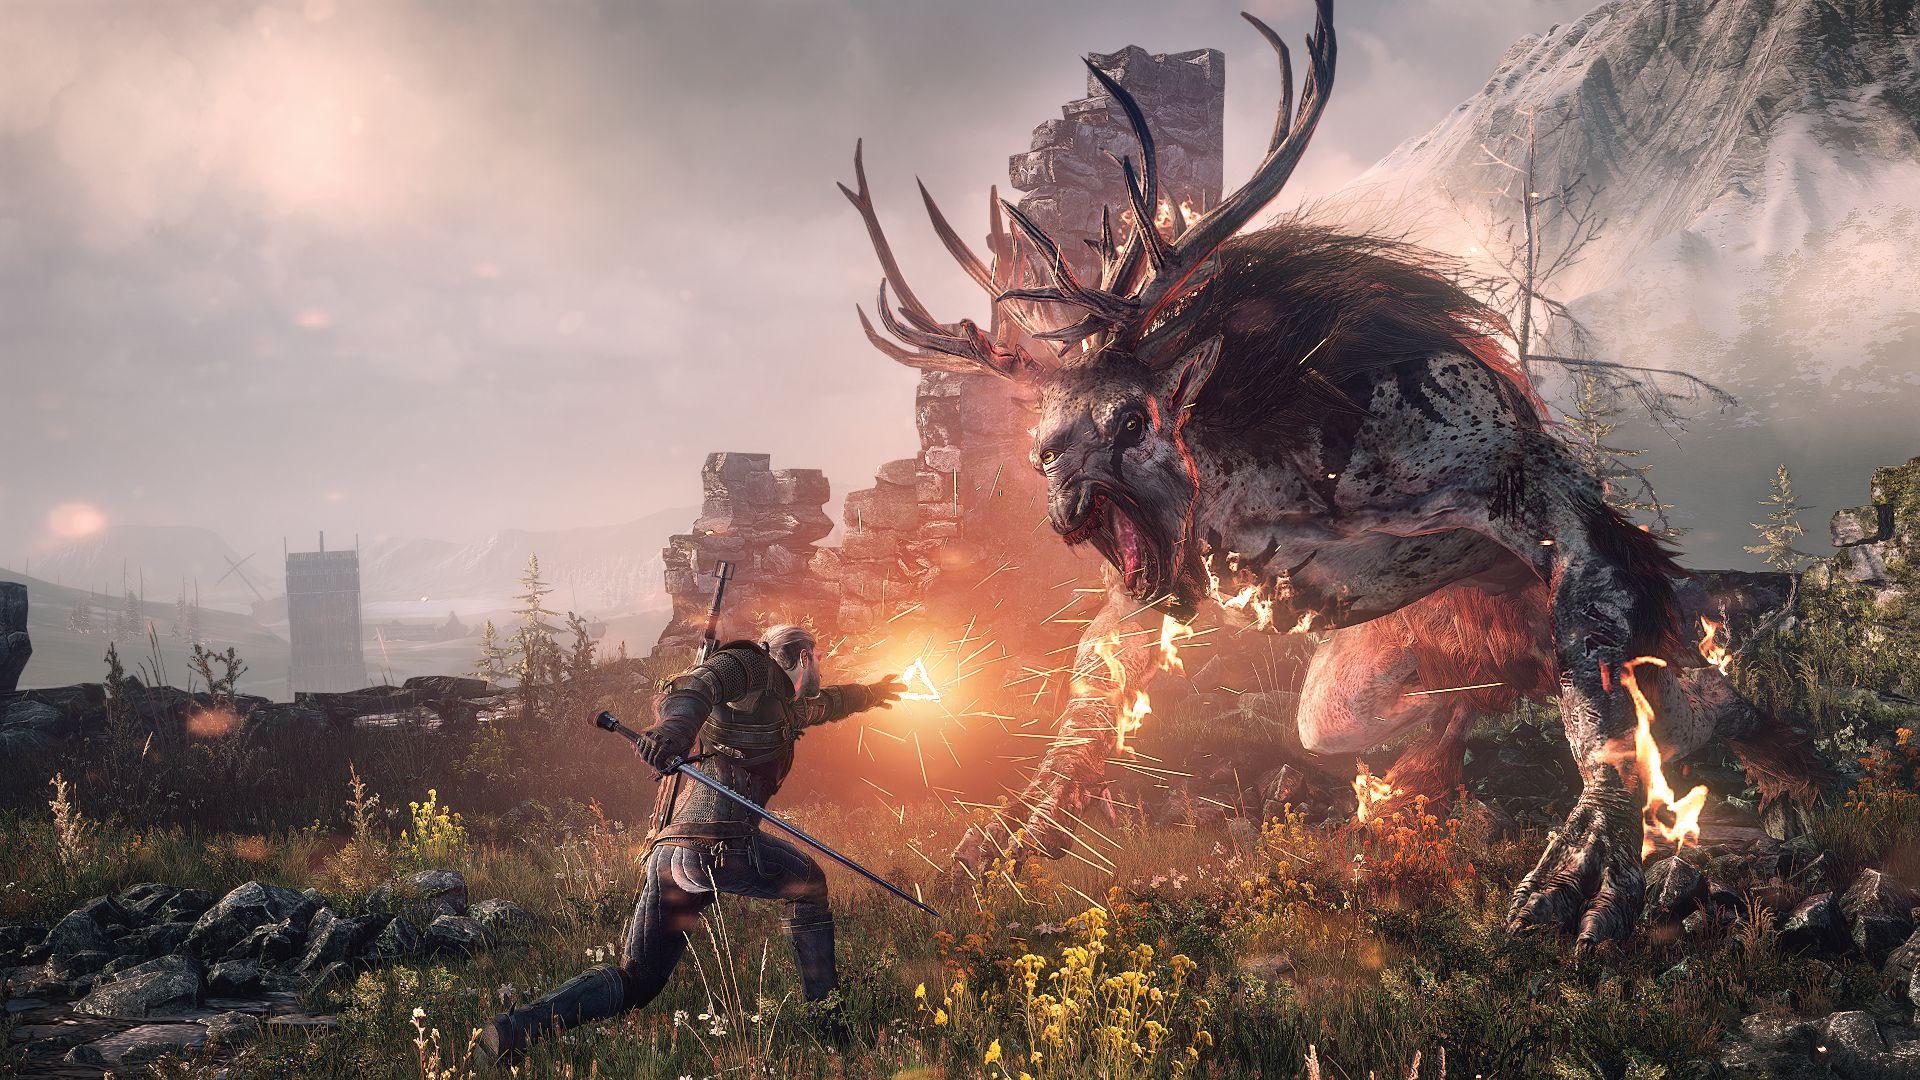 the_witcher_3_wild_hunt_geralt_vs_fiend_1402422270